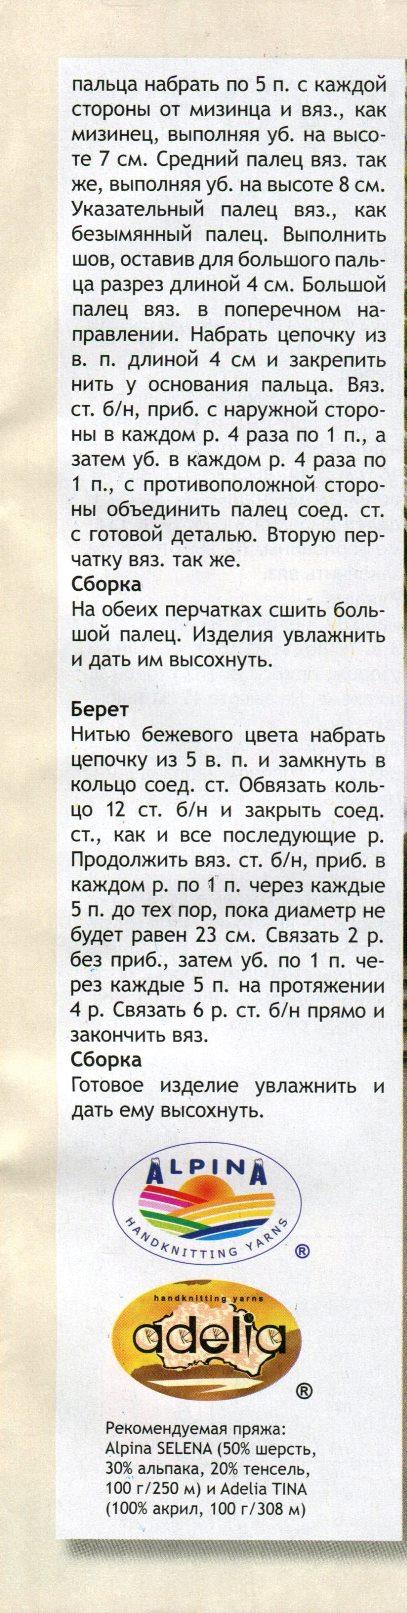 0253_vdv-krucok9-13 (30)